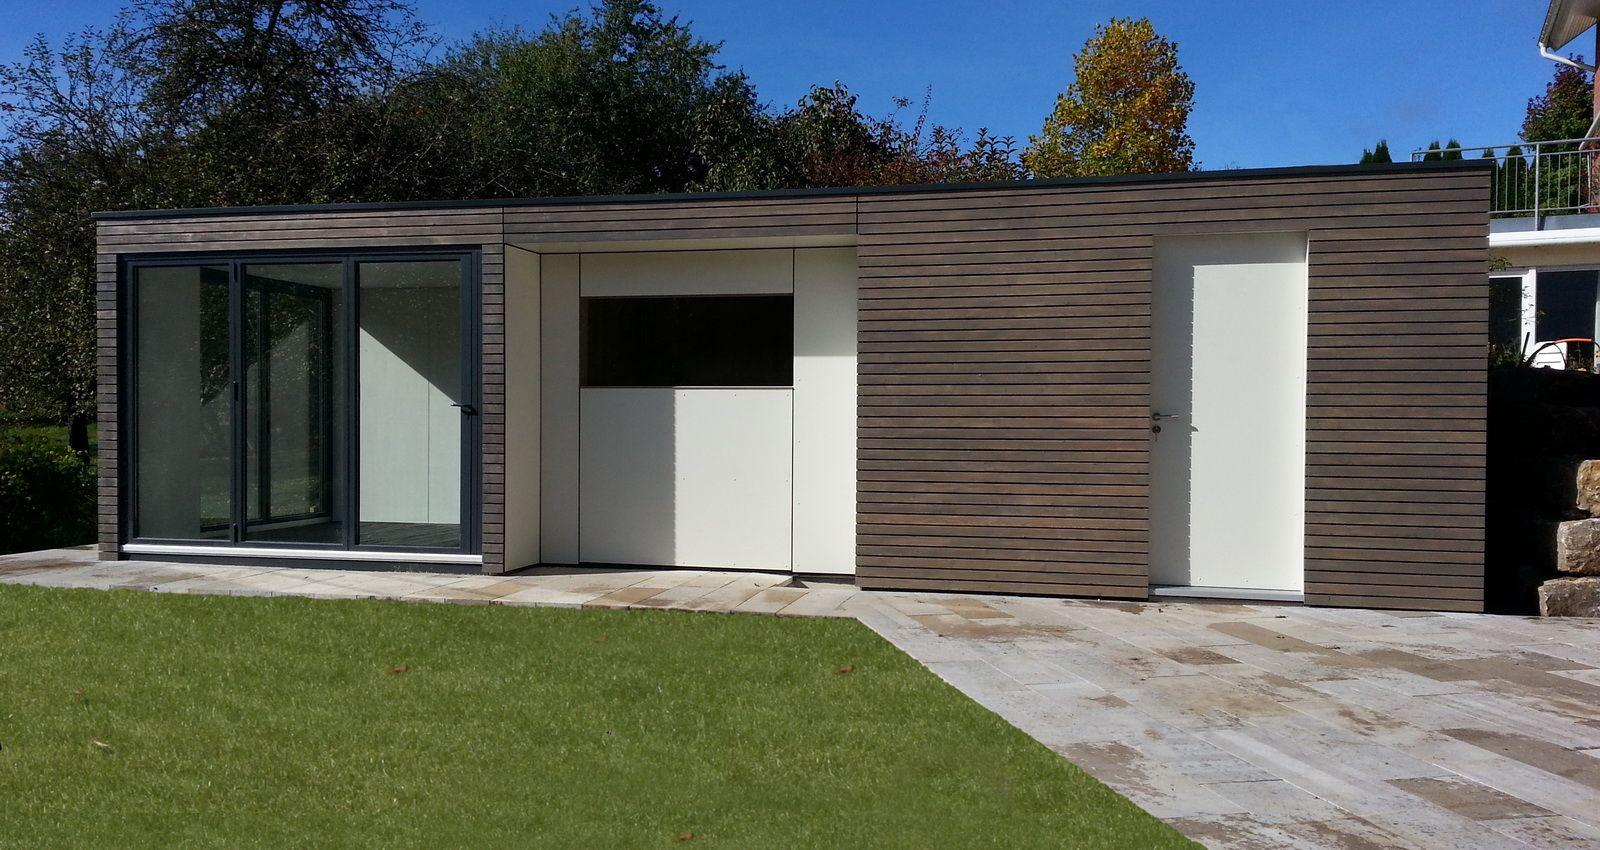 Design Aussensauna moderne aussensauna mit vorraum und raum für pooltechnik moderne